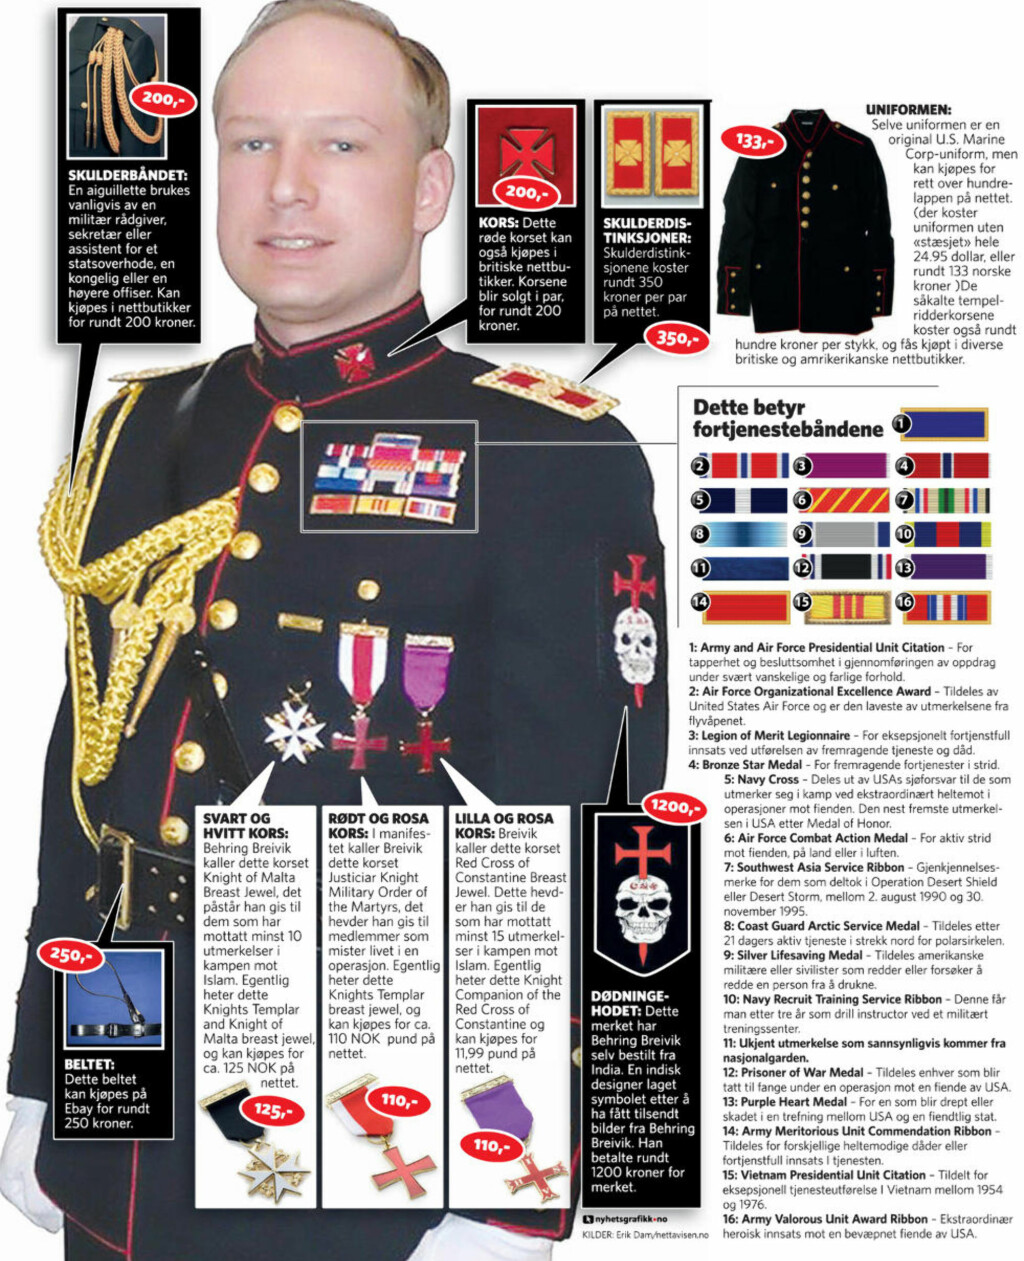 DESIGNET SITT EGET KOSTYME: Anders Behring Breivik bestilte gamle krigseffekter blant annet fra Vietnamkrigen og sydde på uniformen sin - som han påstår er en er tempelridderuniform. Grafikk: Nyhetsgrafikk.no